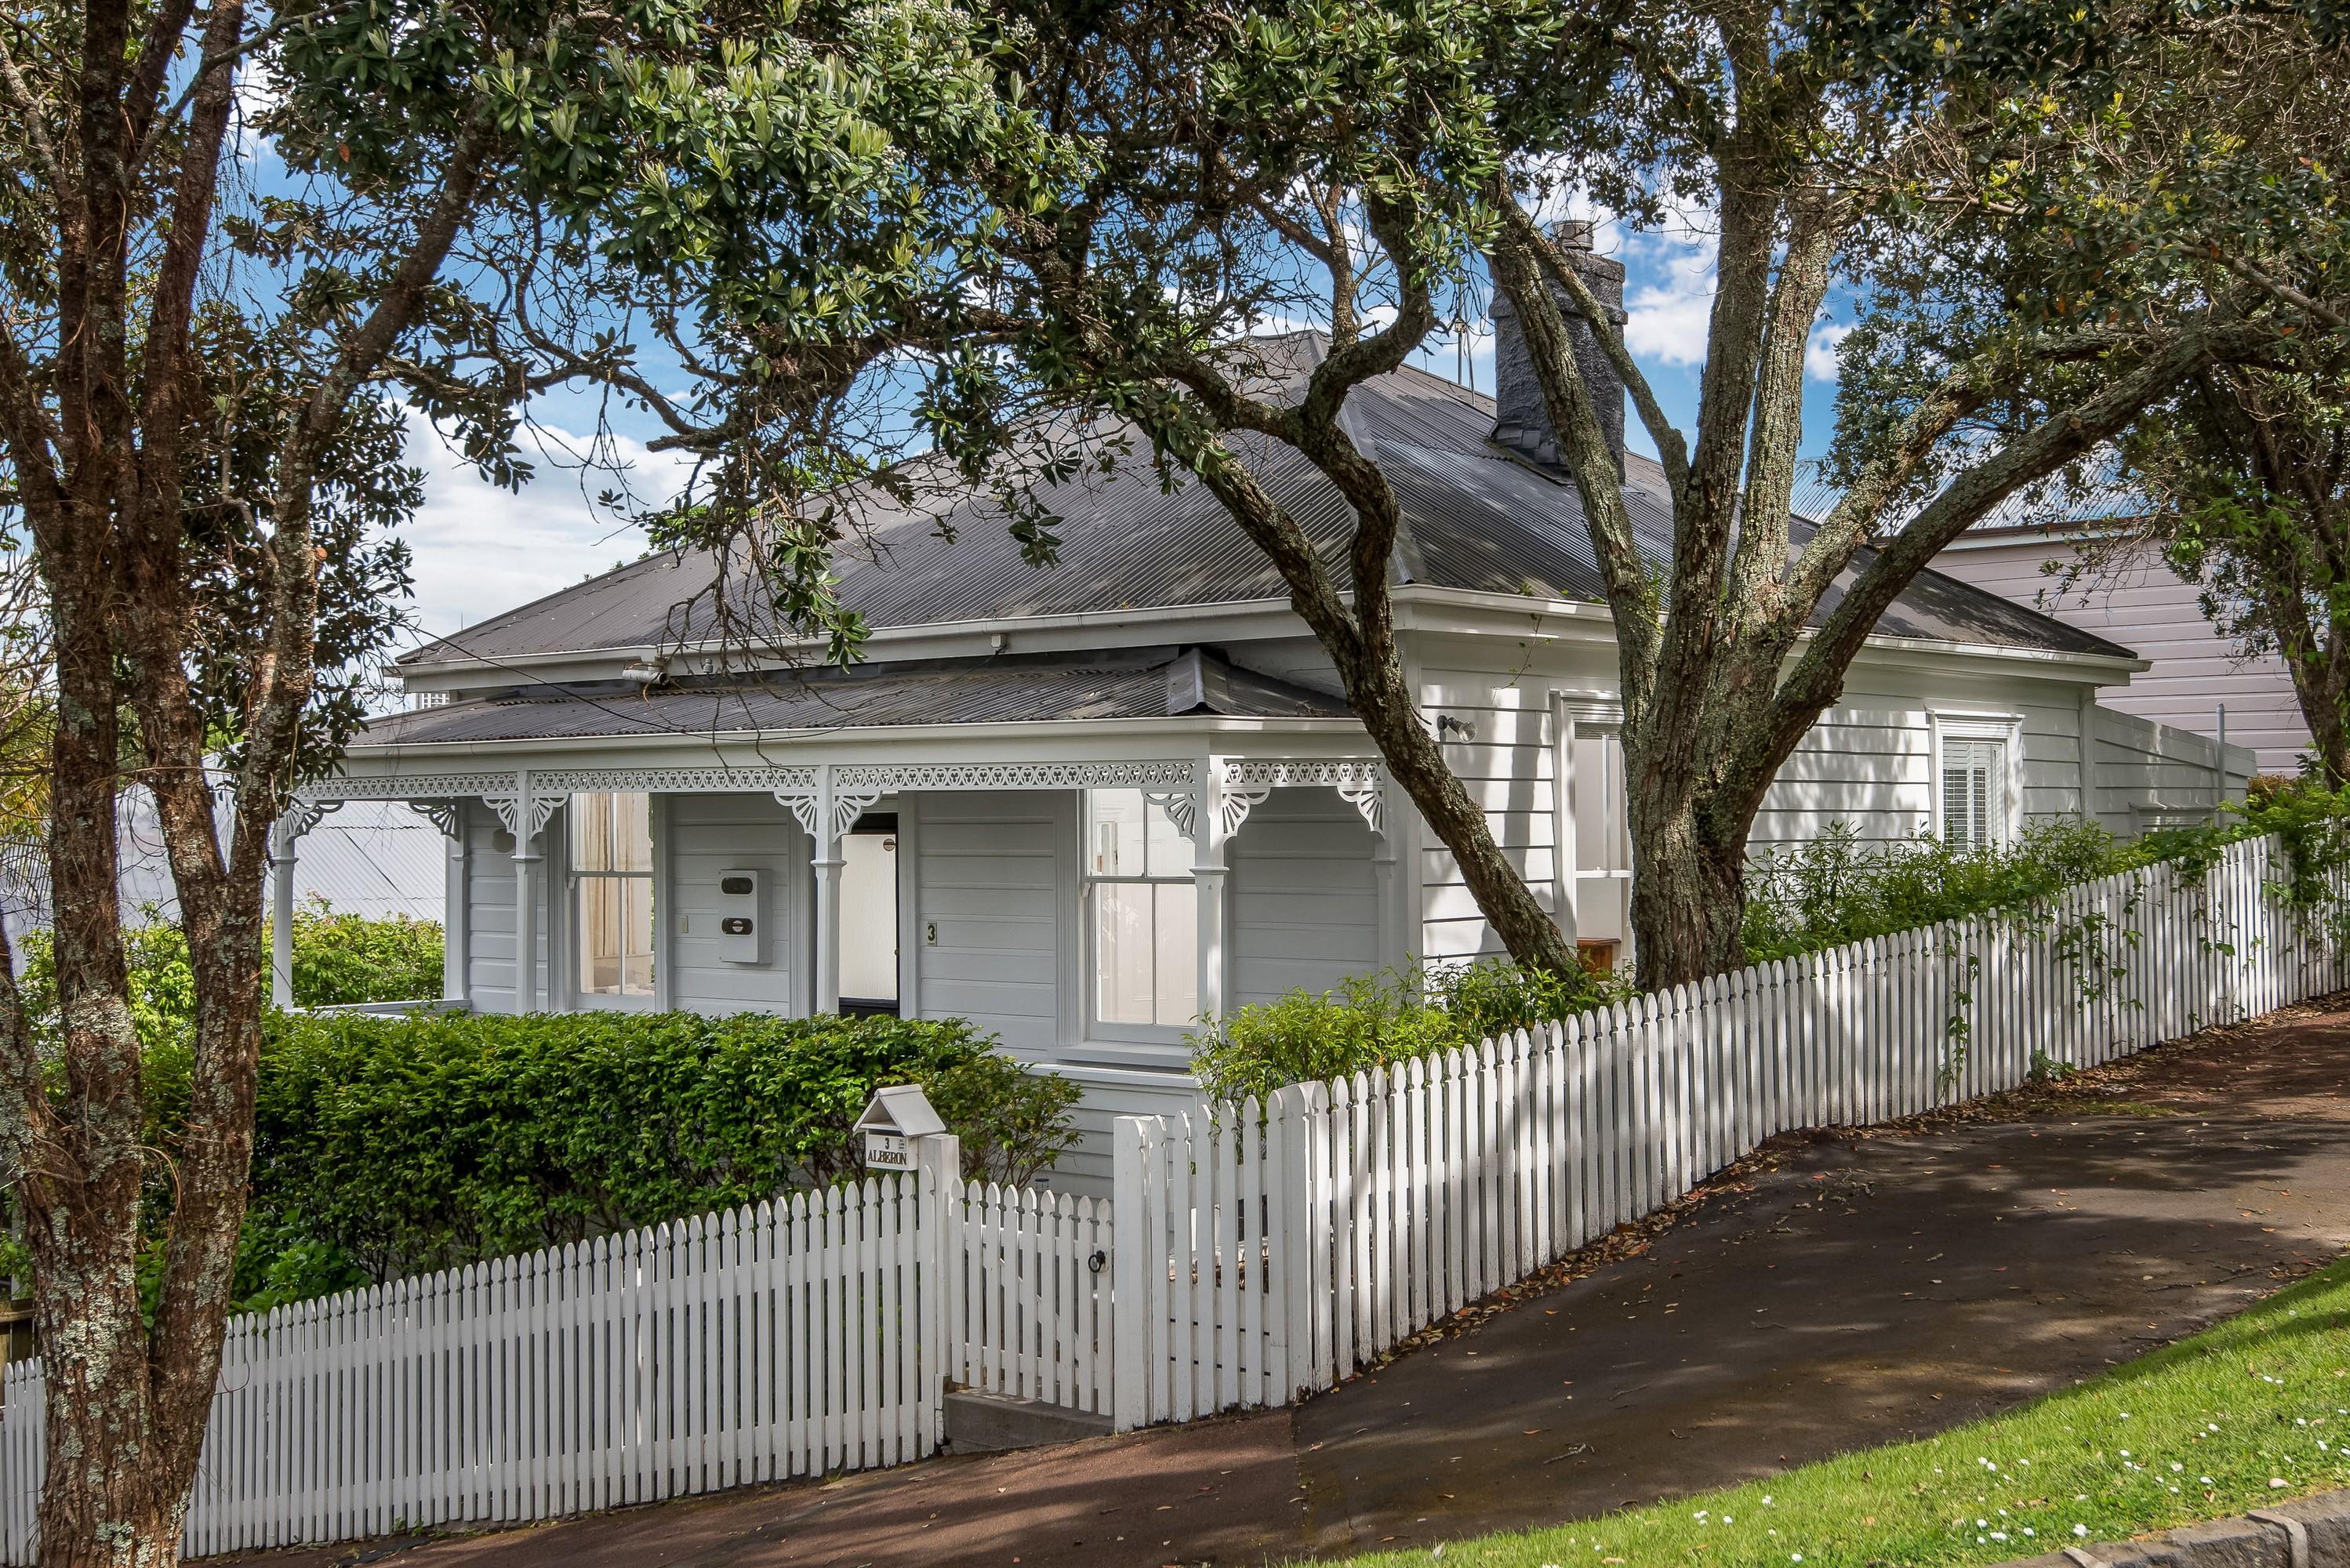 独户住宅 为 销售 在 Parnell's Golden Apex 奥克兰, 奥克兰, 新西兰